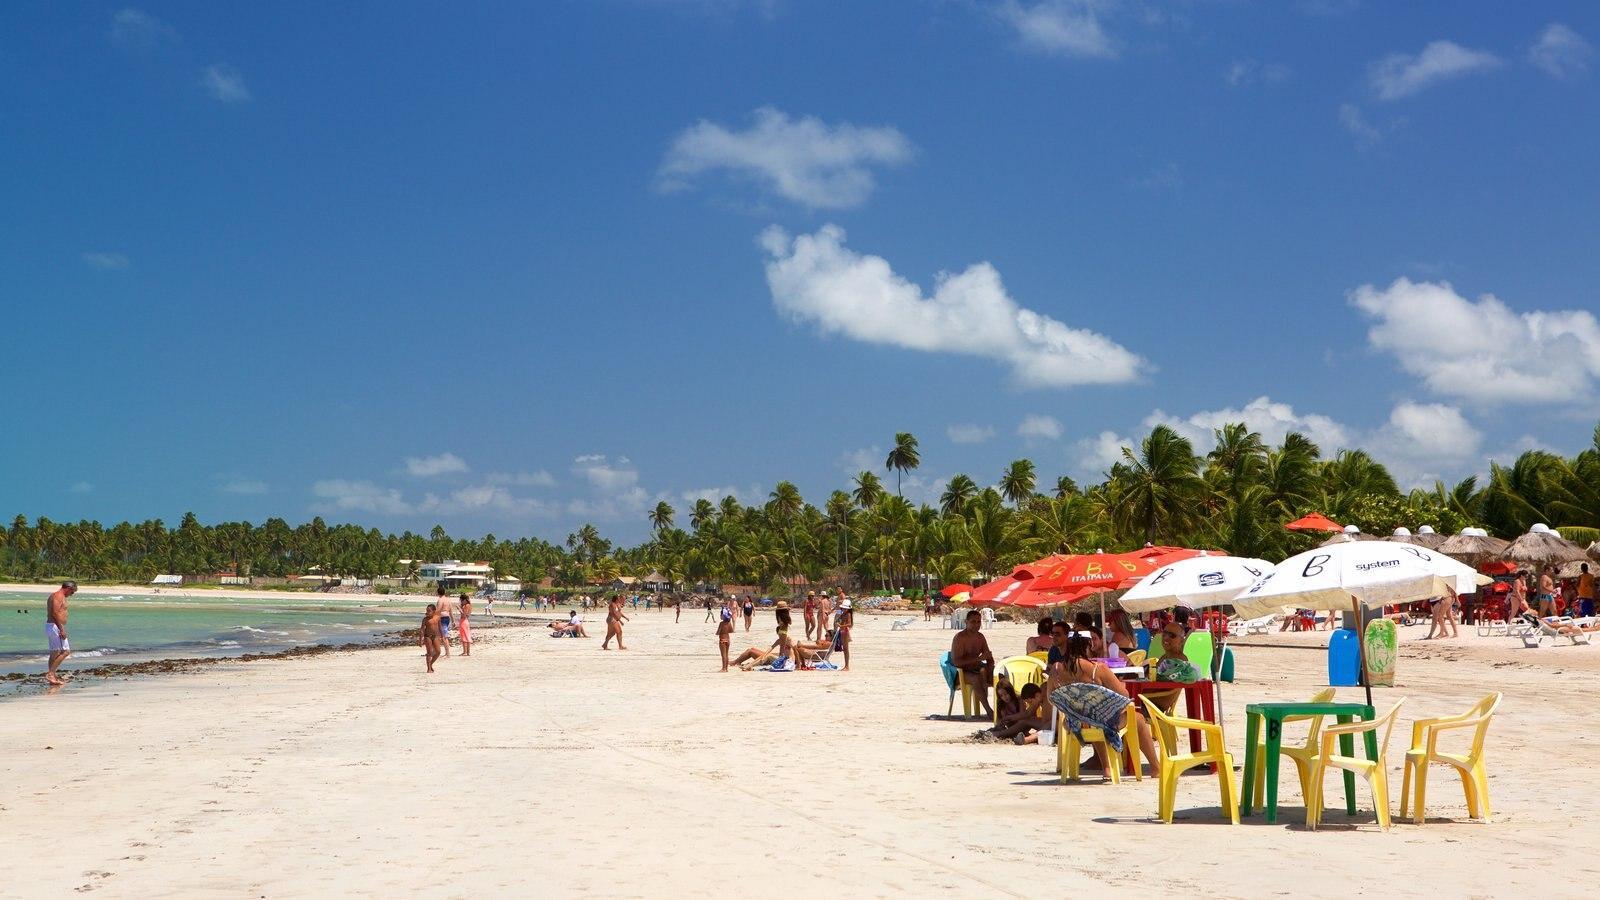 Praia de Paripueira mostrando uma praia, paisagens litorâneas e cenas tropicais